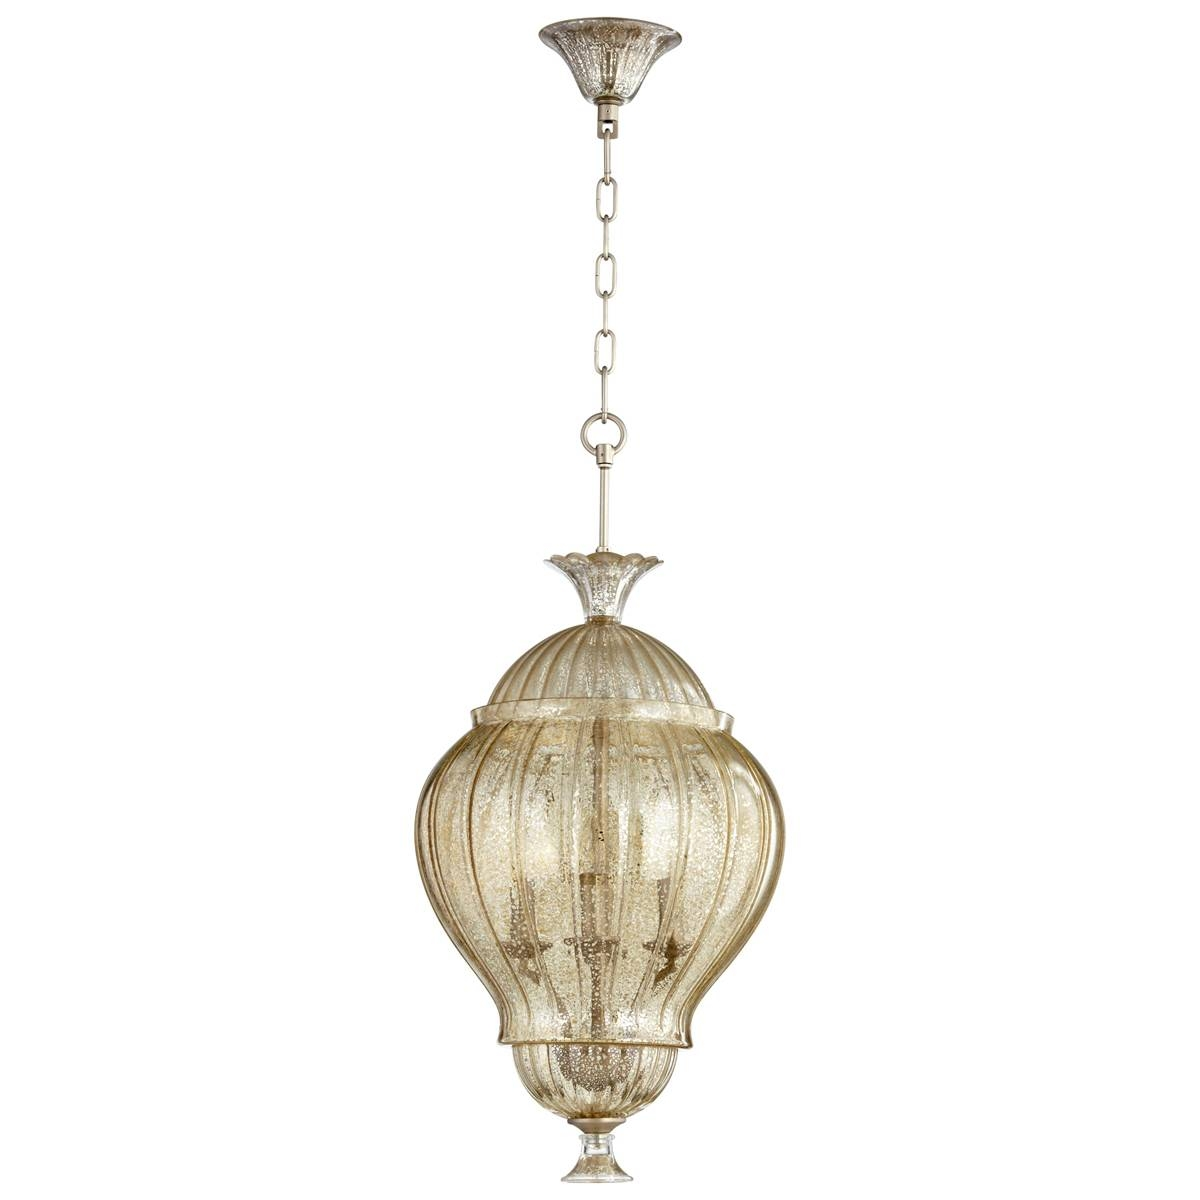 Marvelous Murano Glass Pendant Lights In Interior Decorating in Murano Glass Pendant Lights (Image 5 of 15)